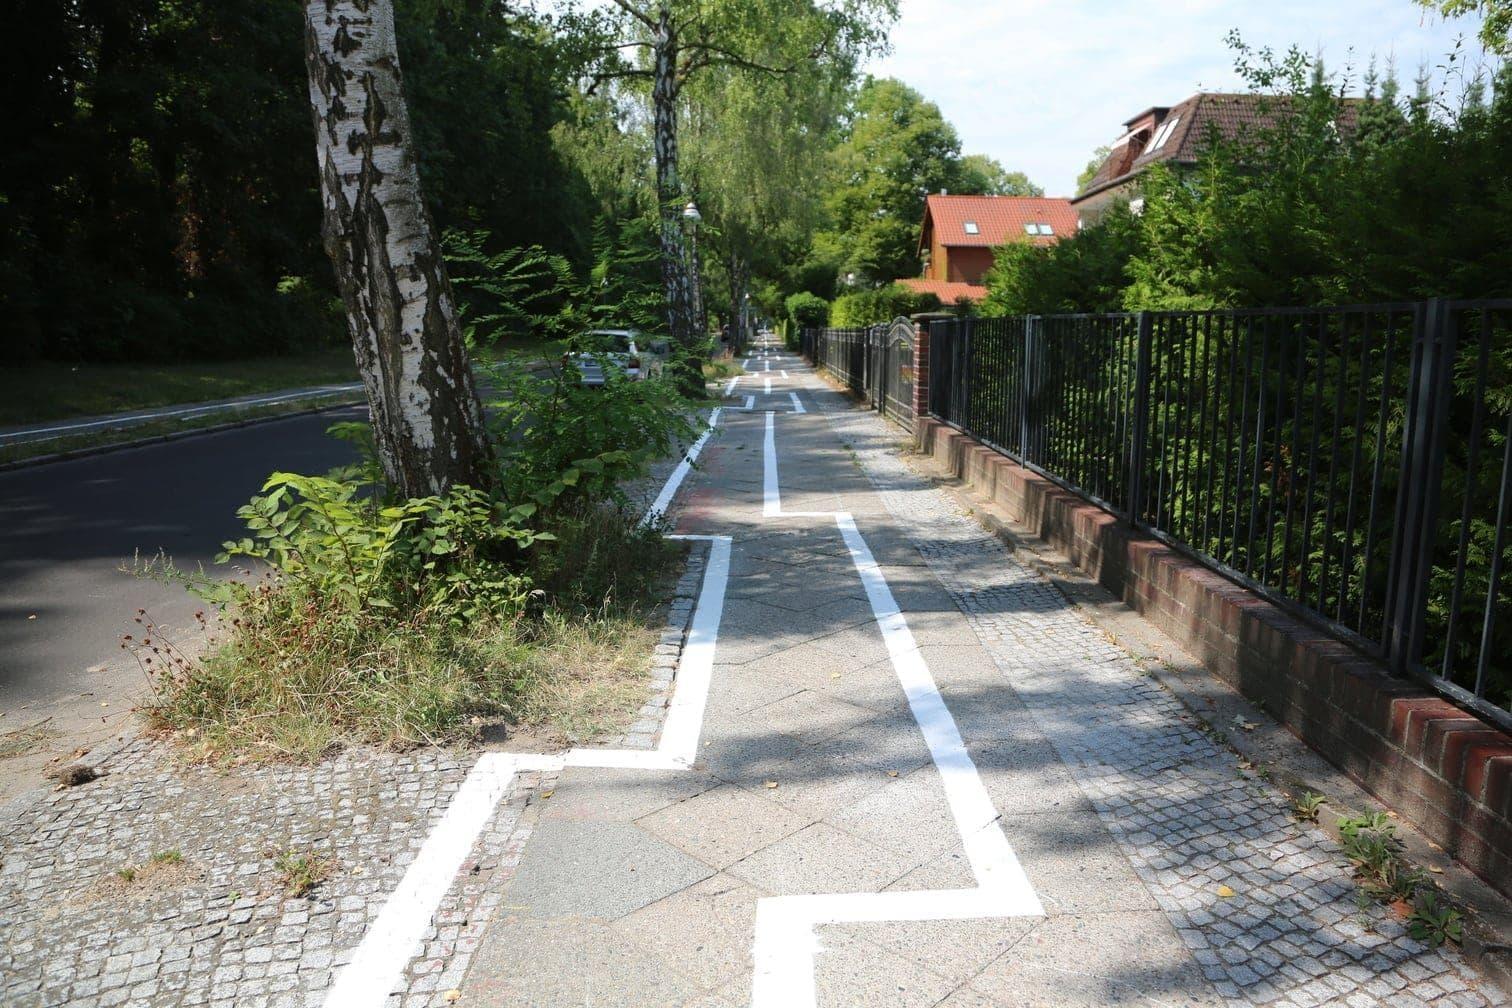 <p>Ist das Kunst oder soll man hier entlang fahren? Ein ungewöhnlicher Radweg ist in Berlins gutbürgerlichem Stadtteil Zehlendorf vielen Menschen ein Rätsel: Wer ihn benutzen will